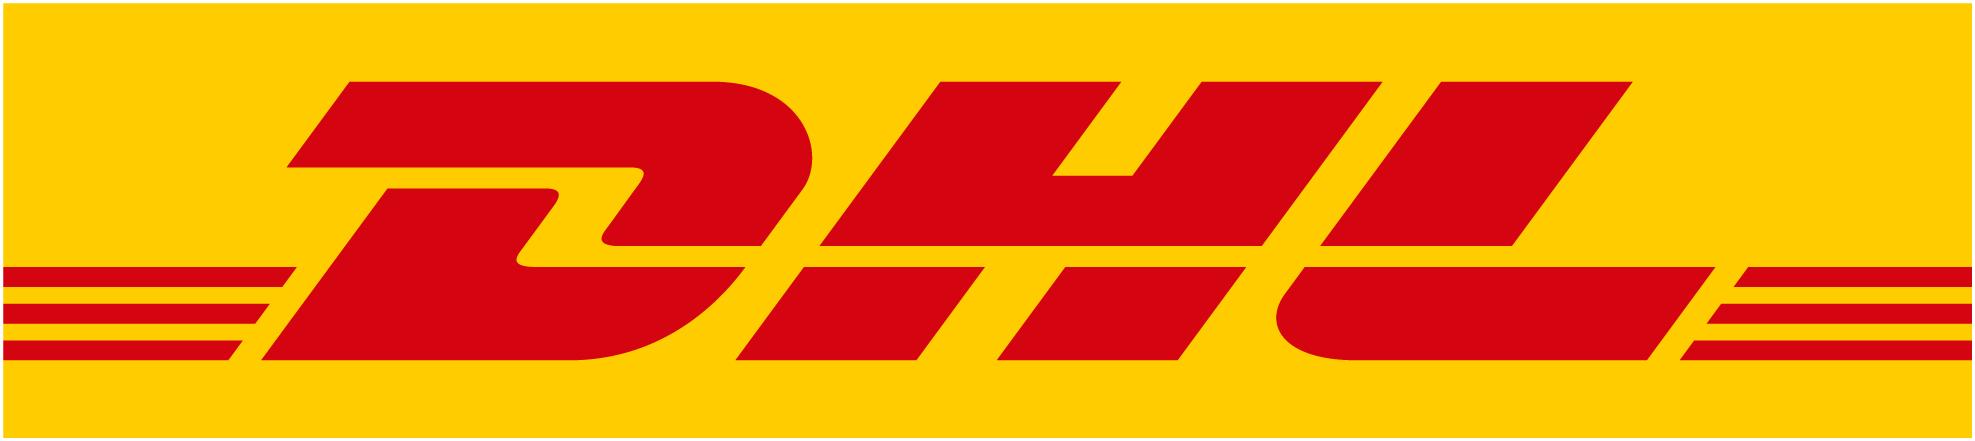 DHL_rgb